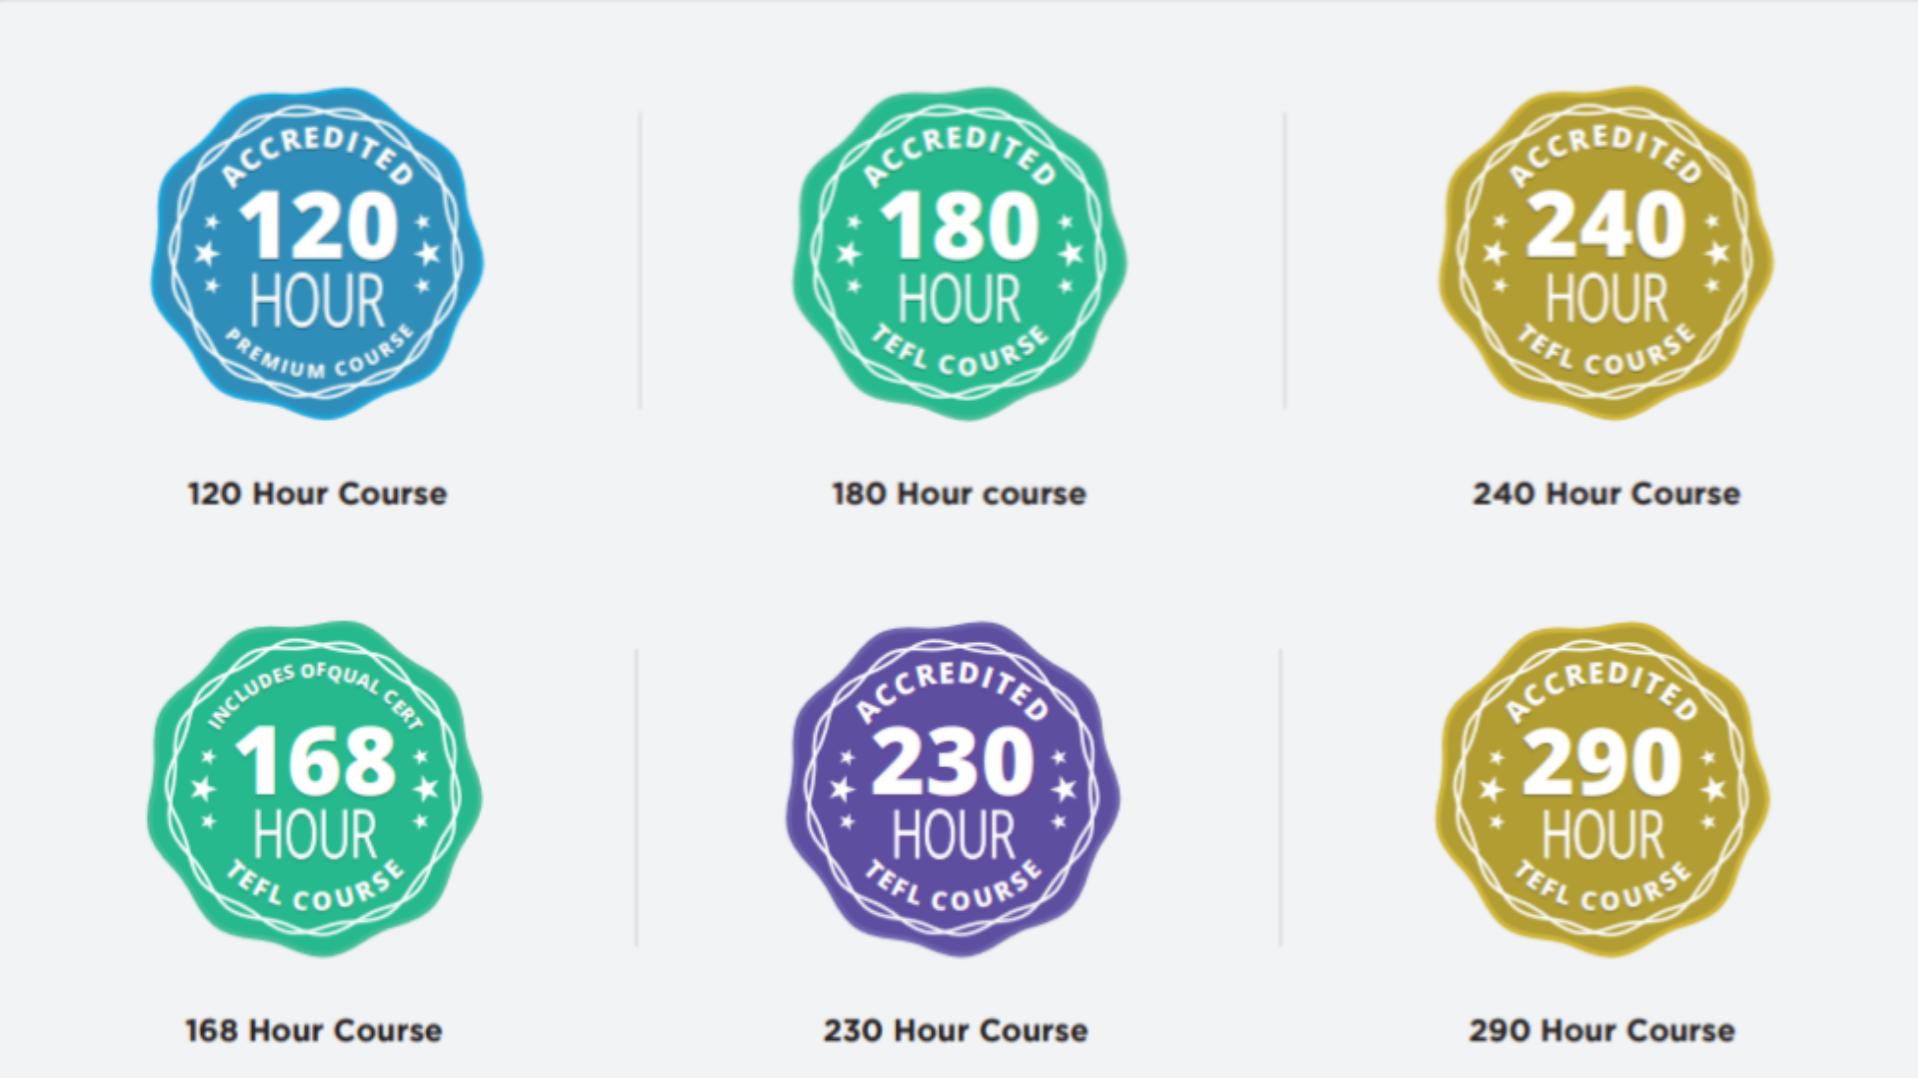 Premier TEFL courses